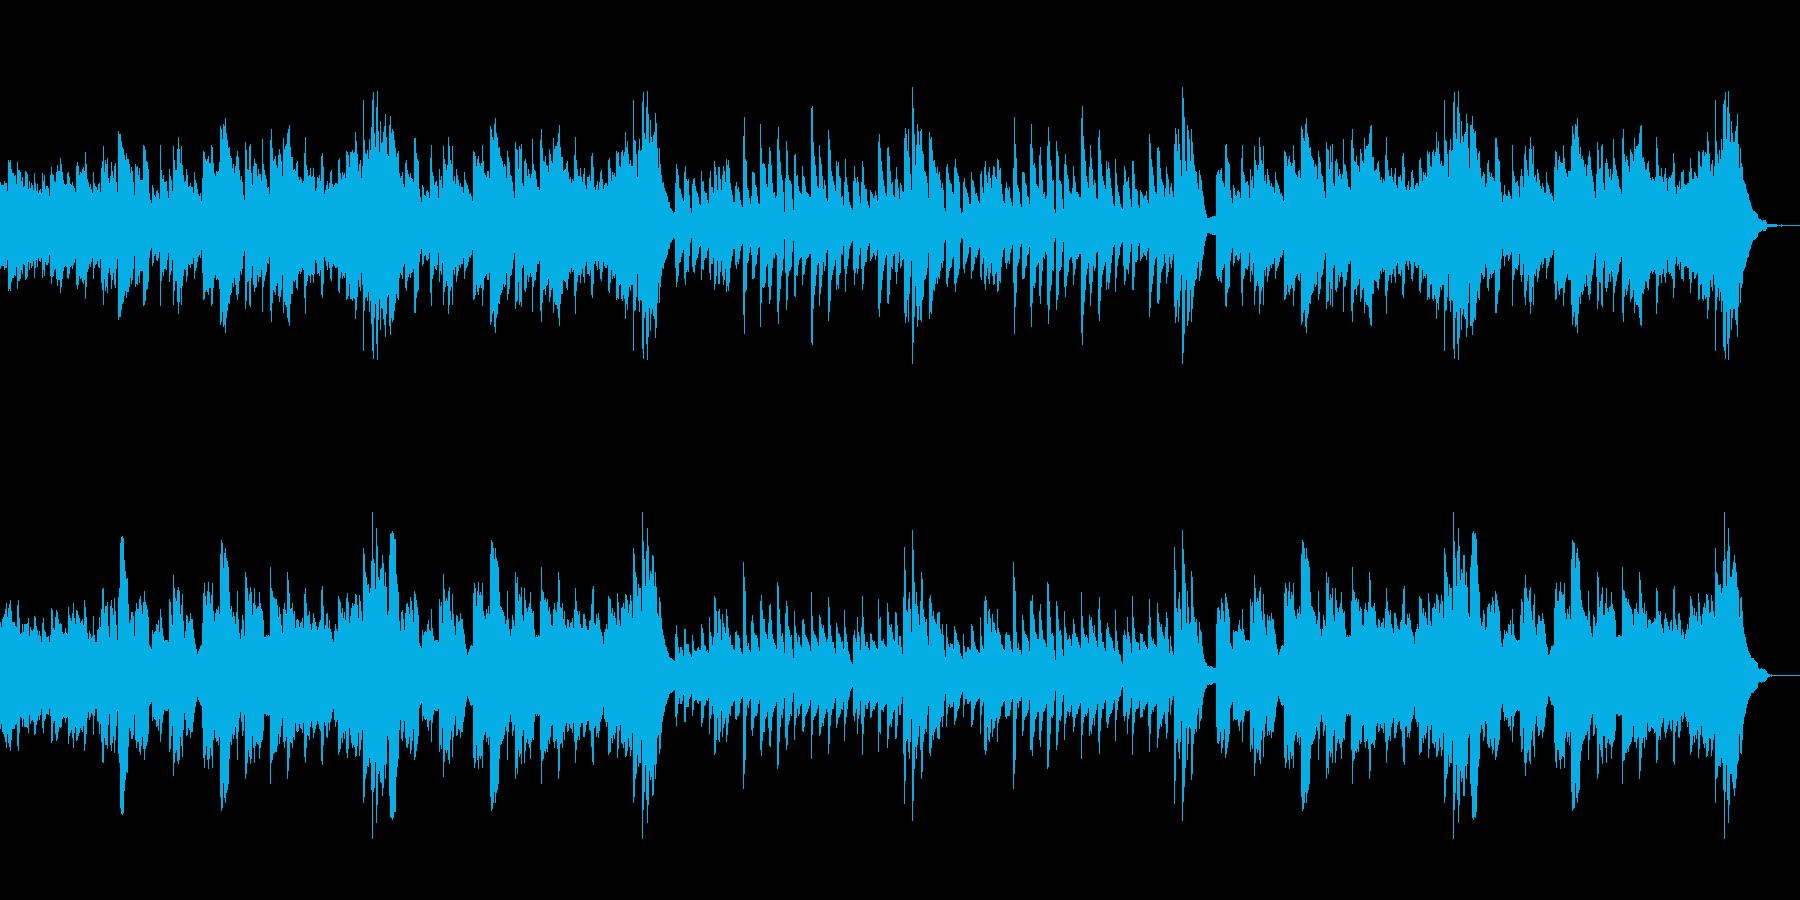 落ち着いたキレイなピアノサウンドの再生済みの波形